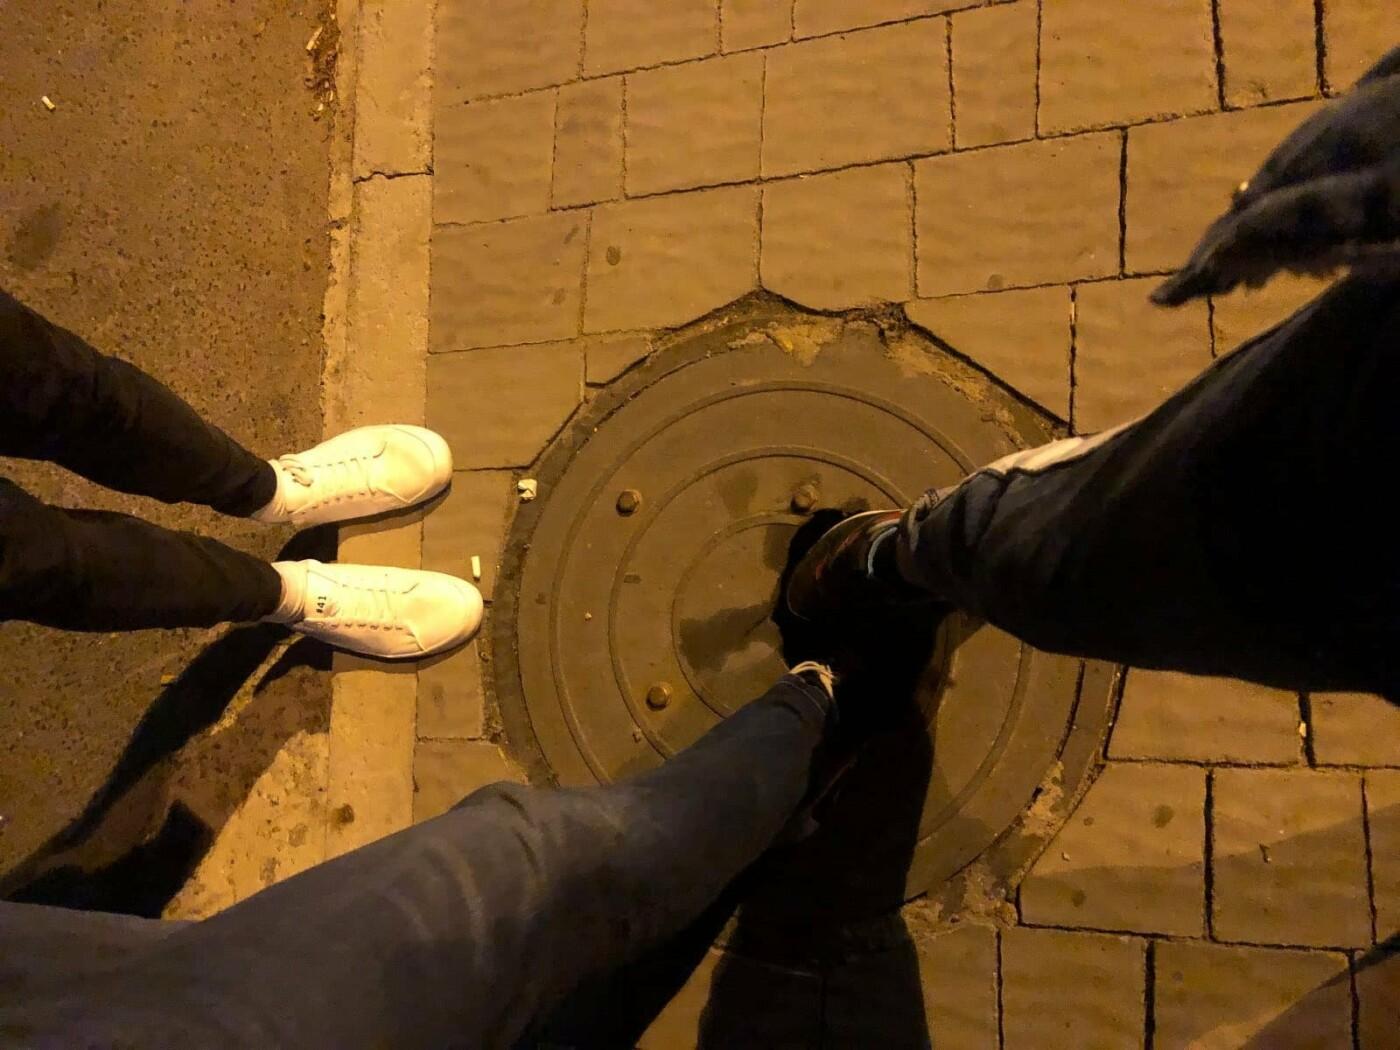 Тернополян попереджають про небезпеку поблизу відомого закладу (ФОТОФАКТ), фото-2